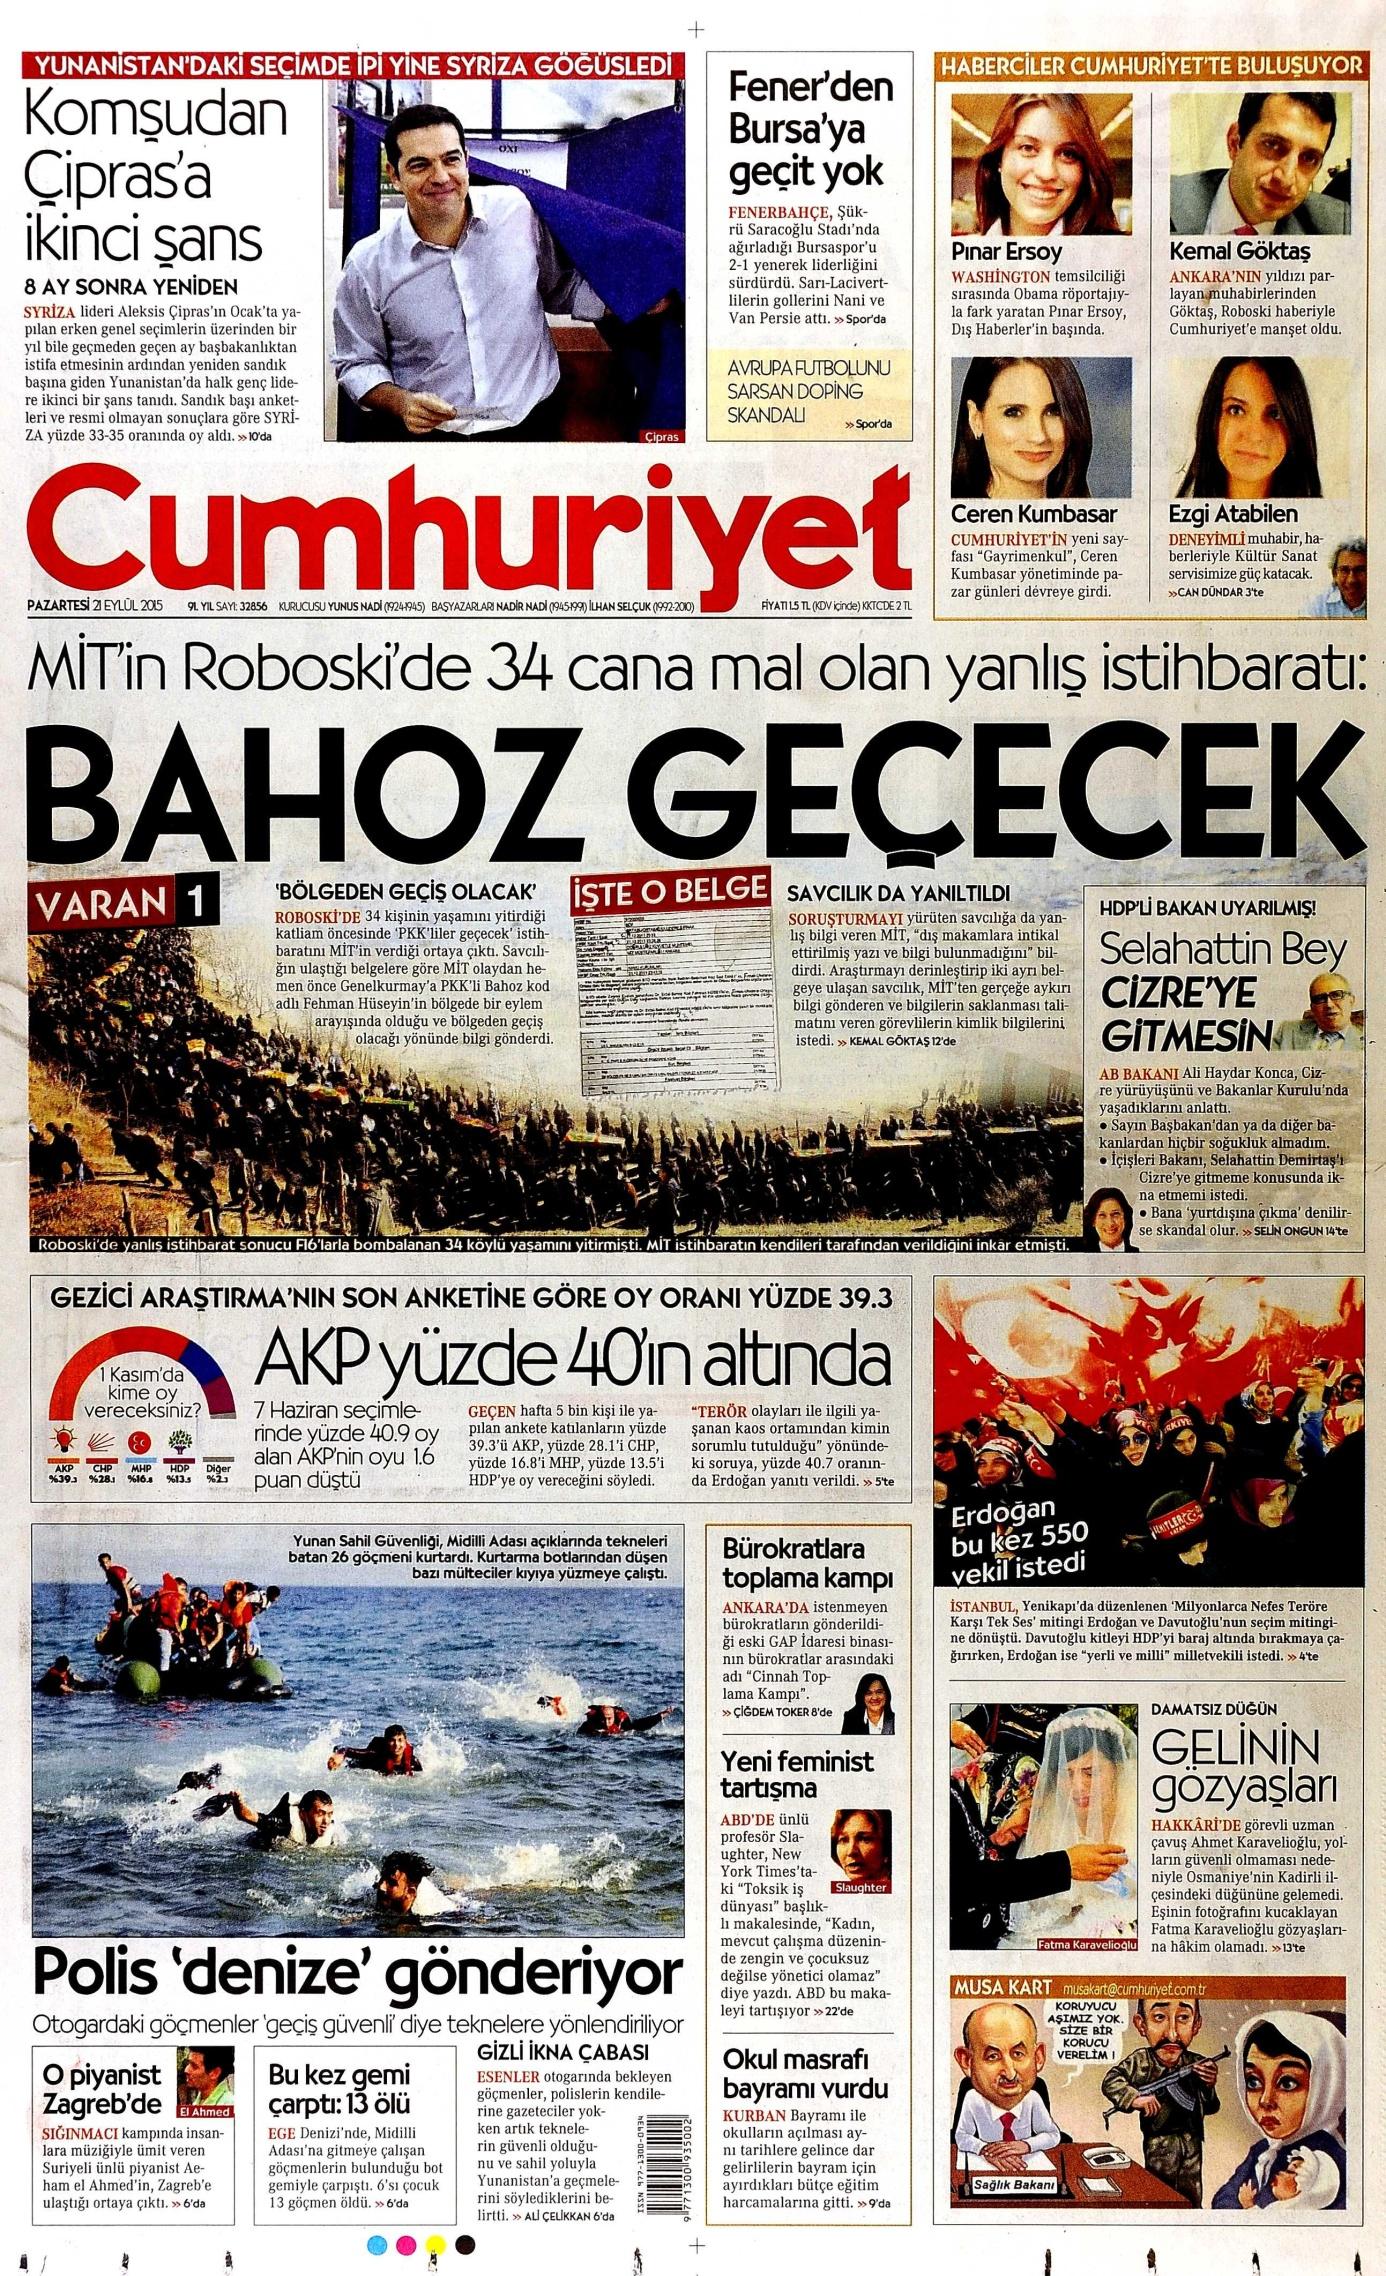 cumhuriyet_gazetesi-001.jpg